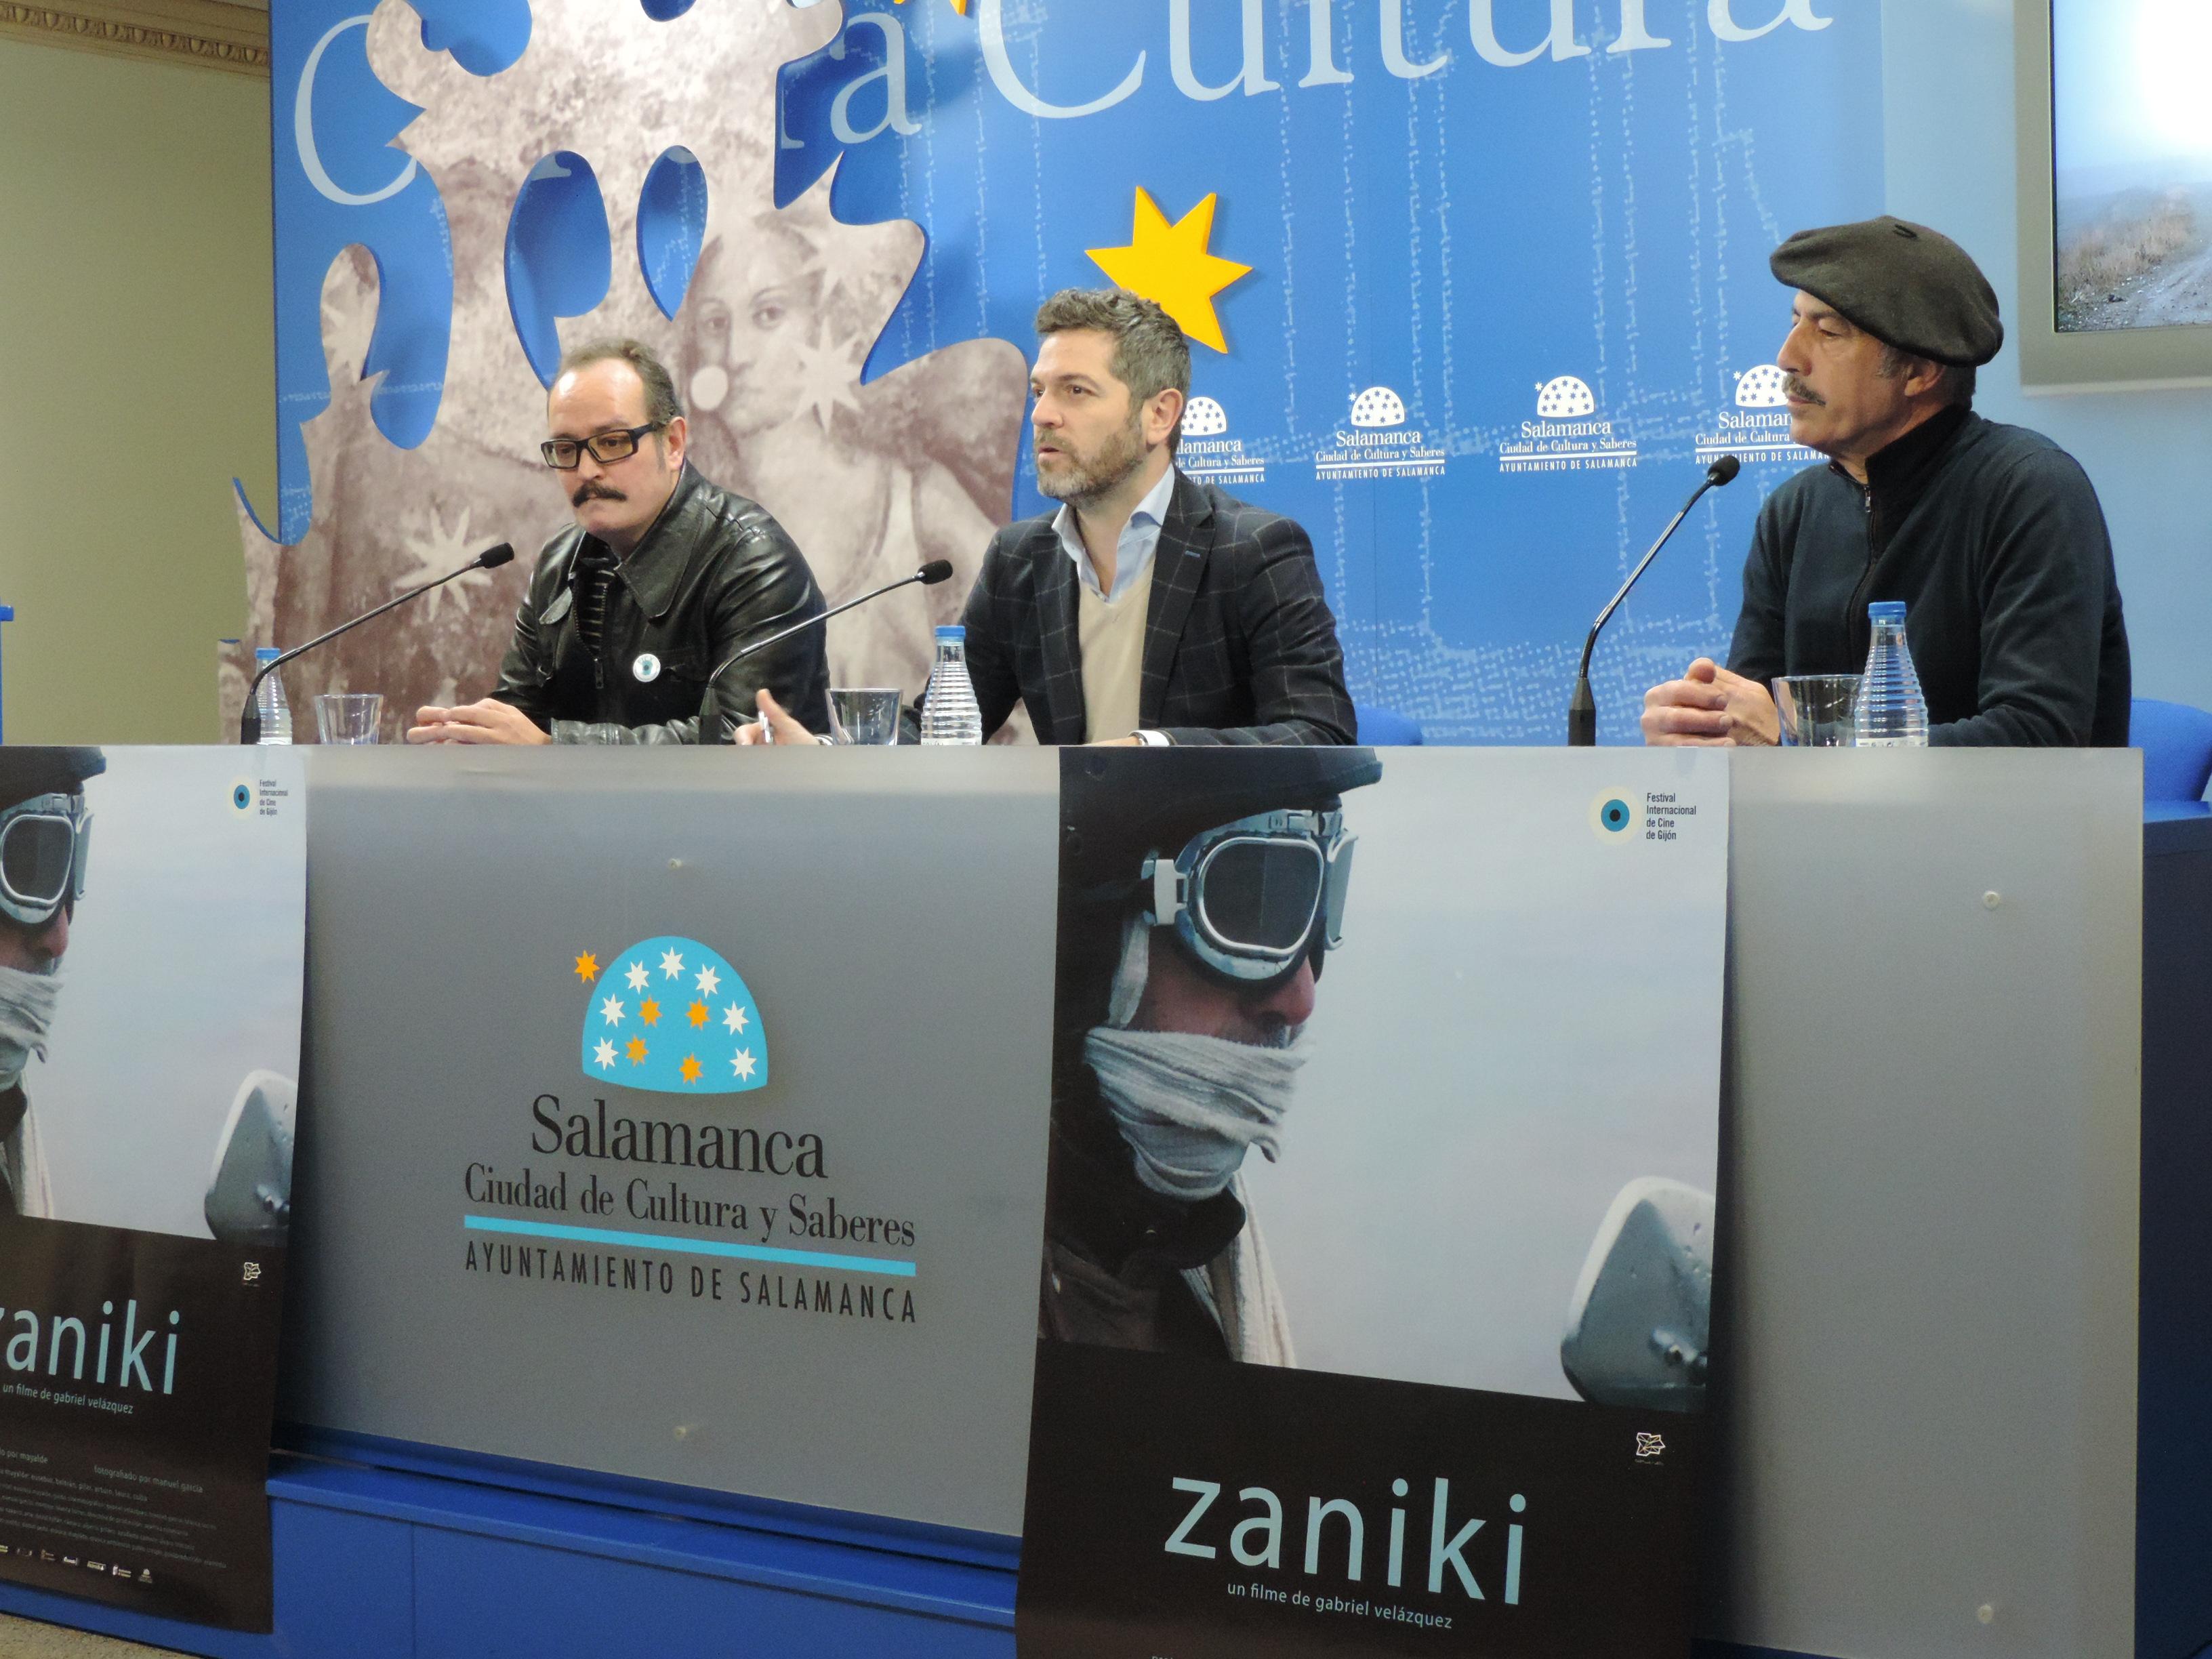 El Teatro Liceo será una gran sala de cine para acoger el largometraje 'Zaniki'